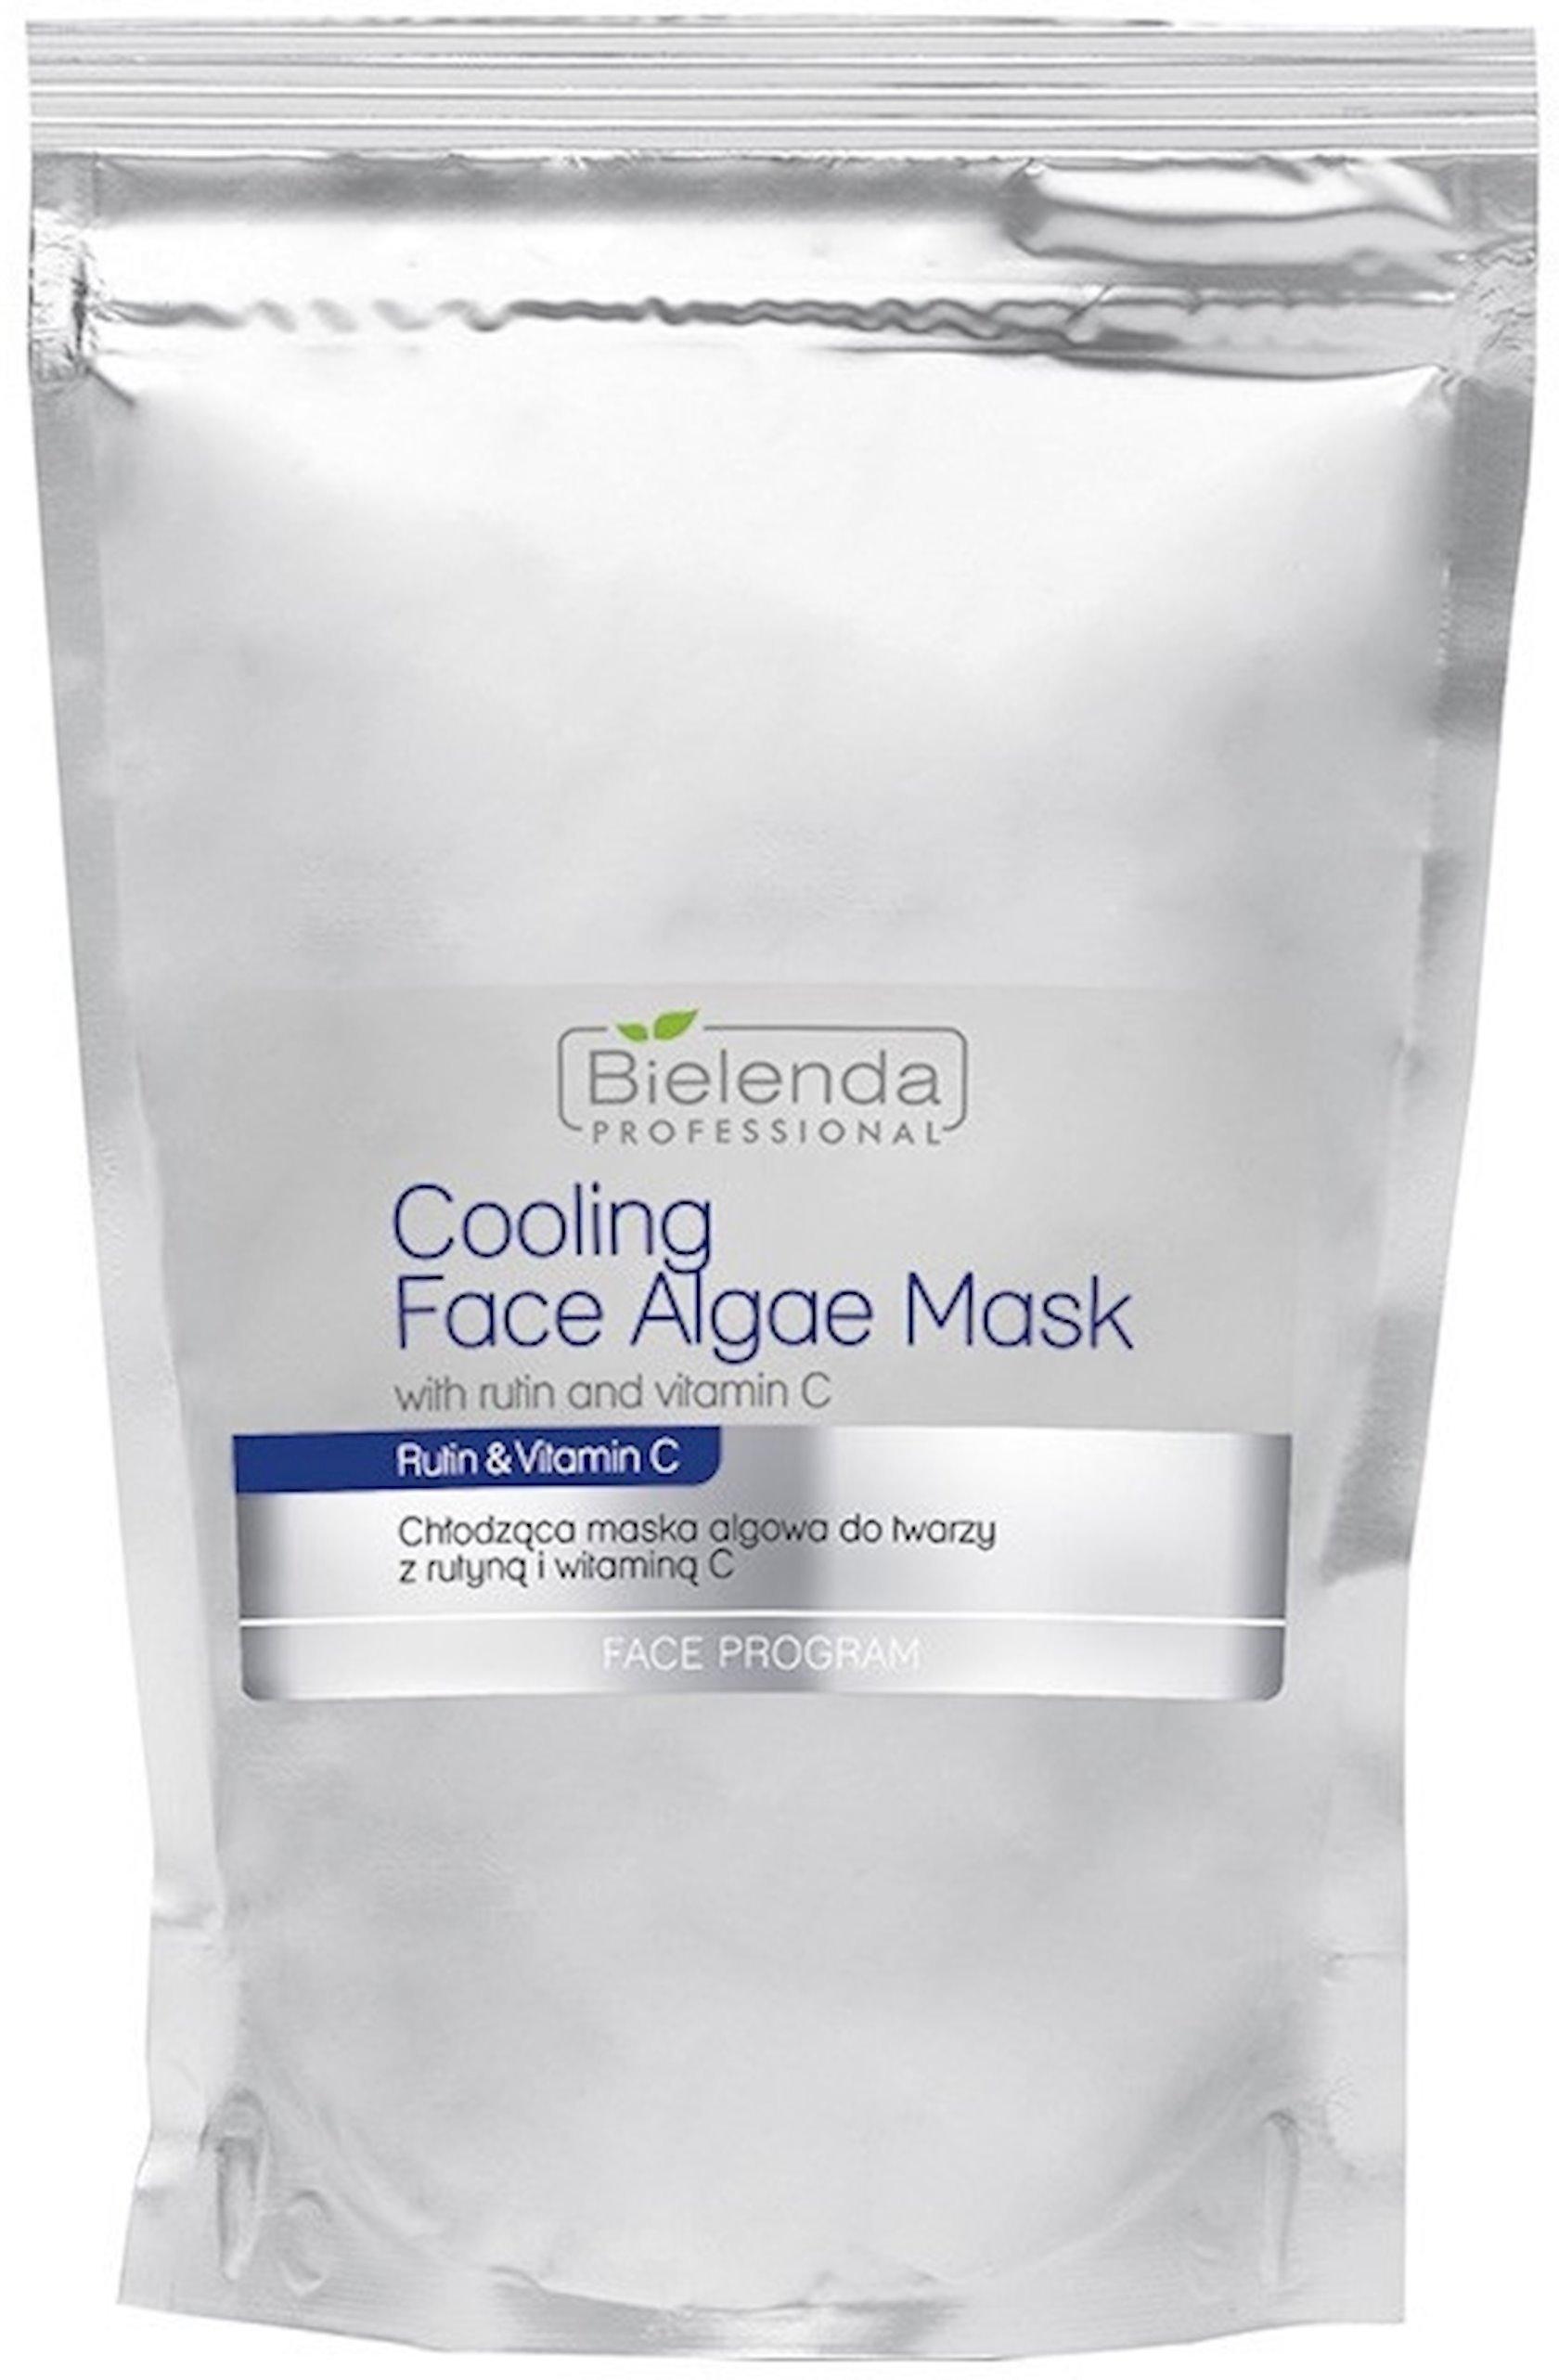 Üz üçün alqinat maska rutin və vitamin C ilə Bielenda Professional Cooling Face Algae mask with Rutin and Vitamin C